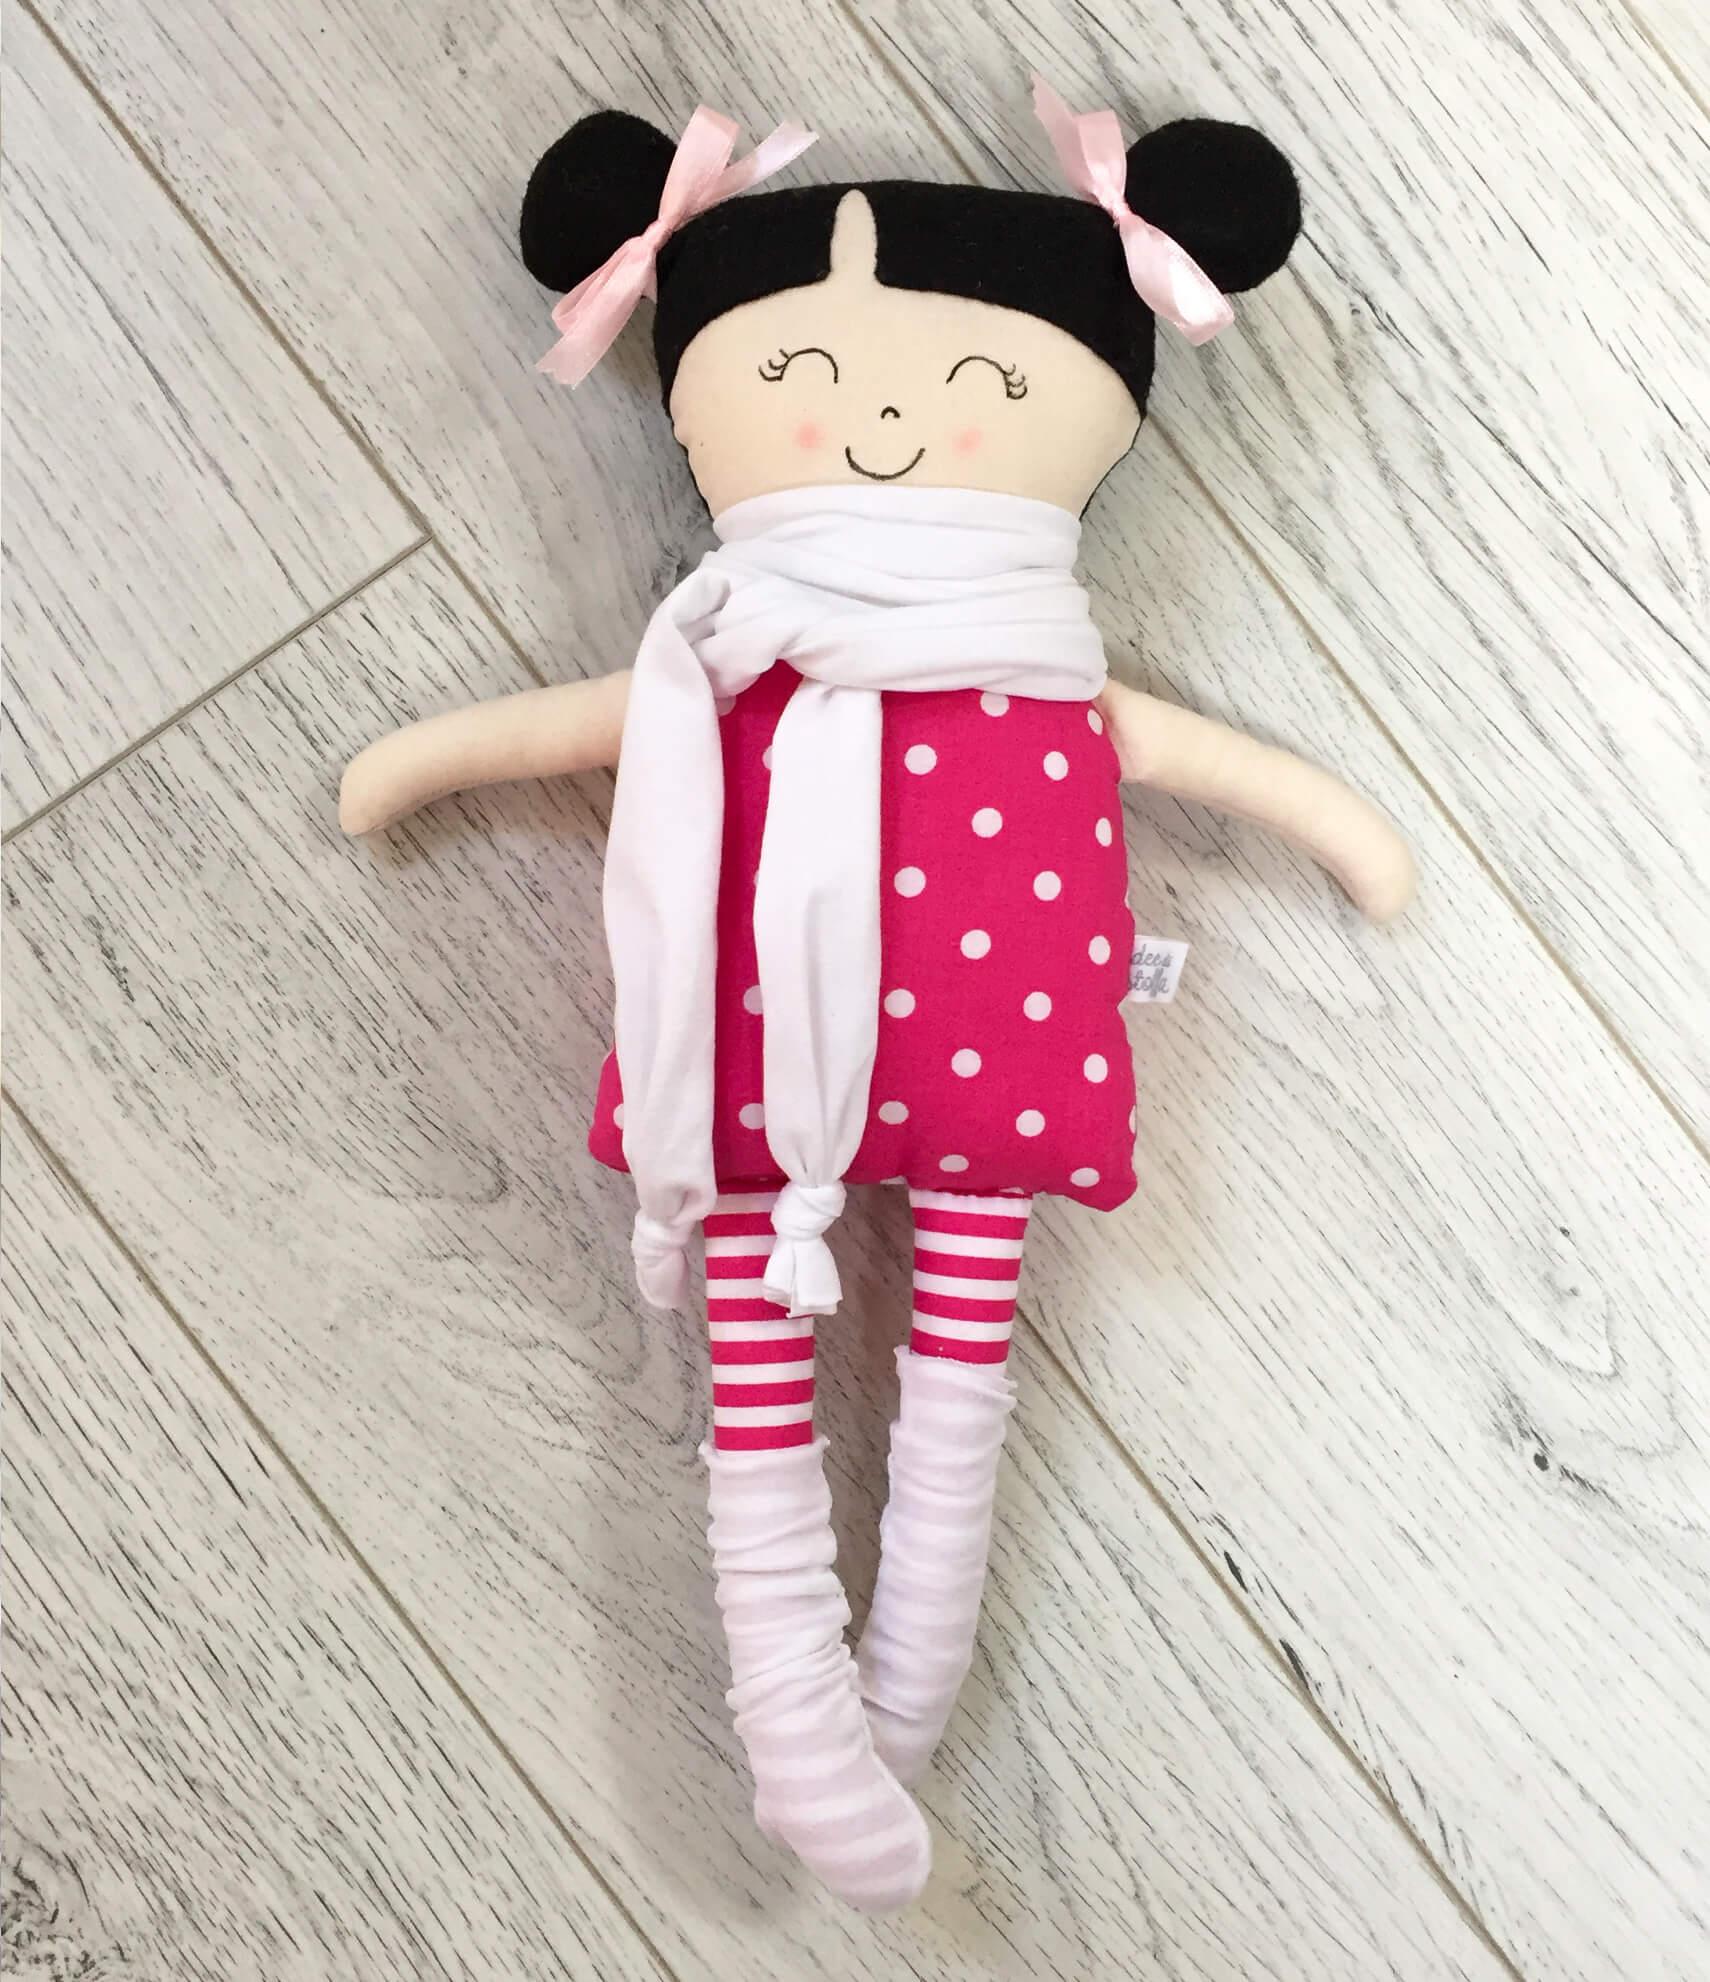 bambola stoffa cucita a mano